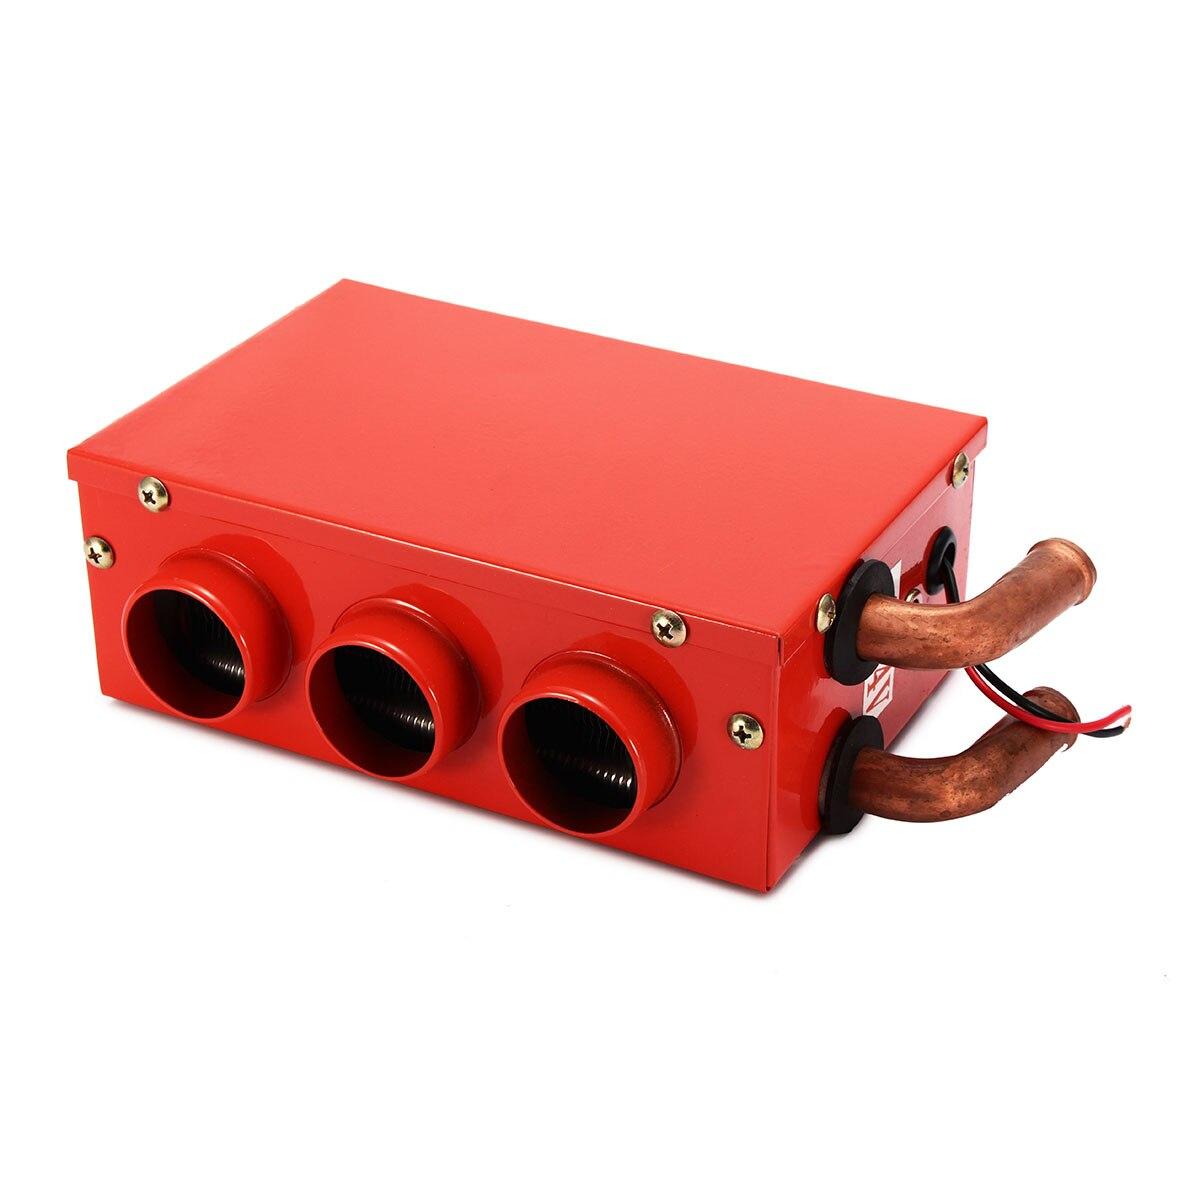 12 v 24 w Universel Portable Chauffage De la Voiture Auto Van Chauffage Réchauffeur D'air Compact Dégivreur antibuée Voiture Appareils Électriques Rouge